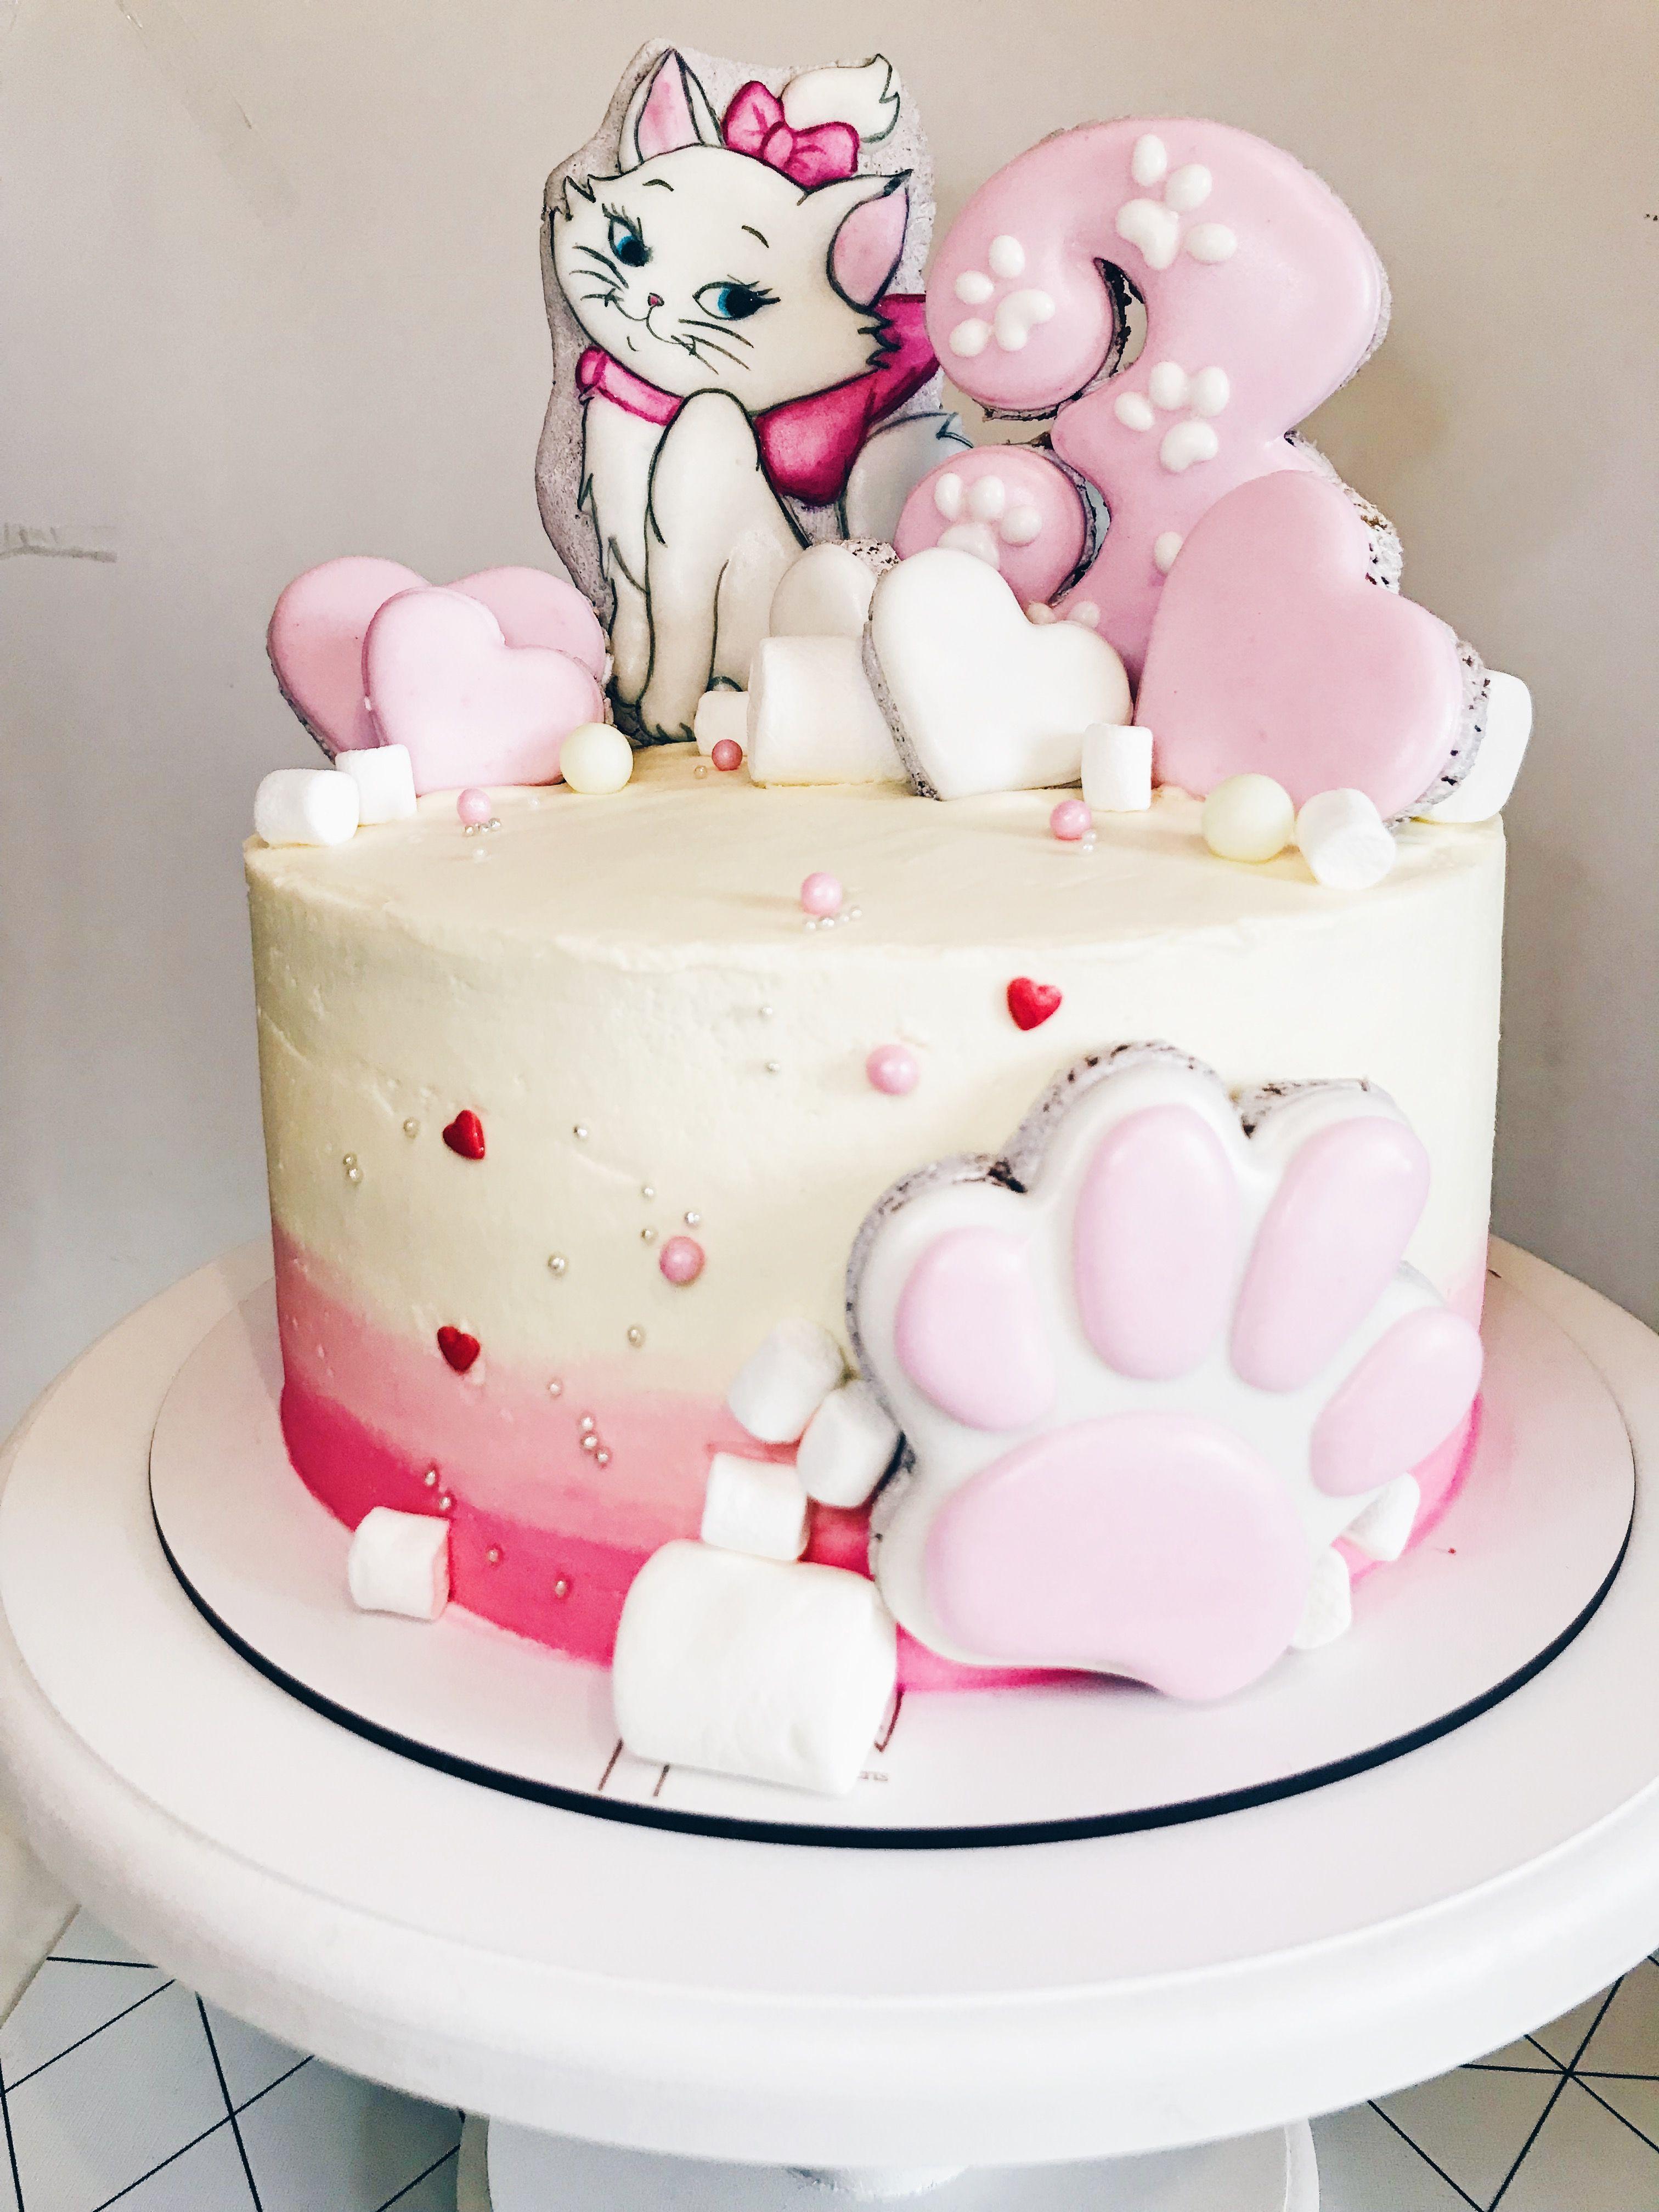 тортики на день рождения девочке 10 лет